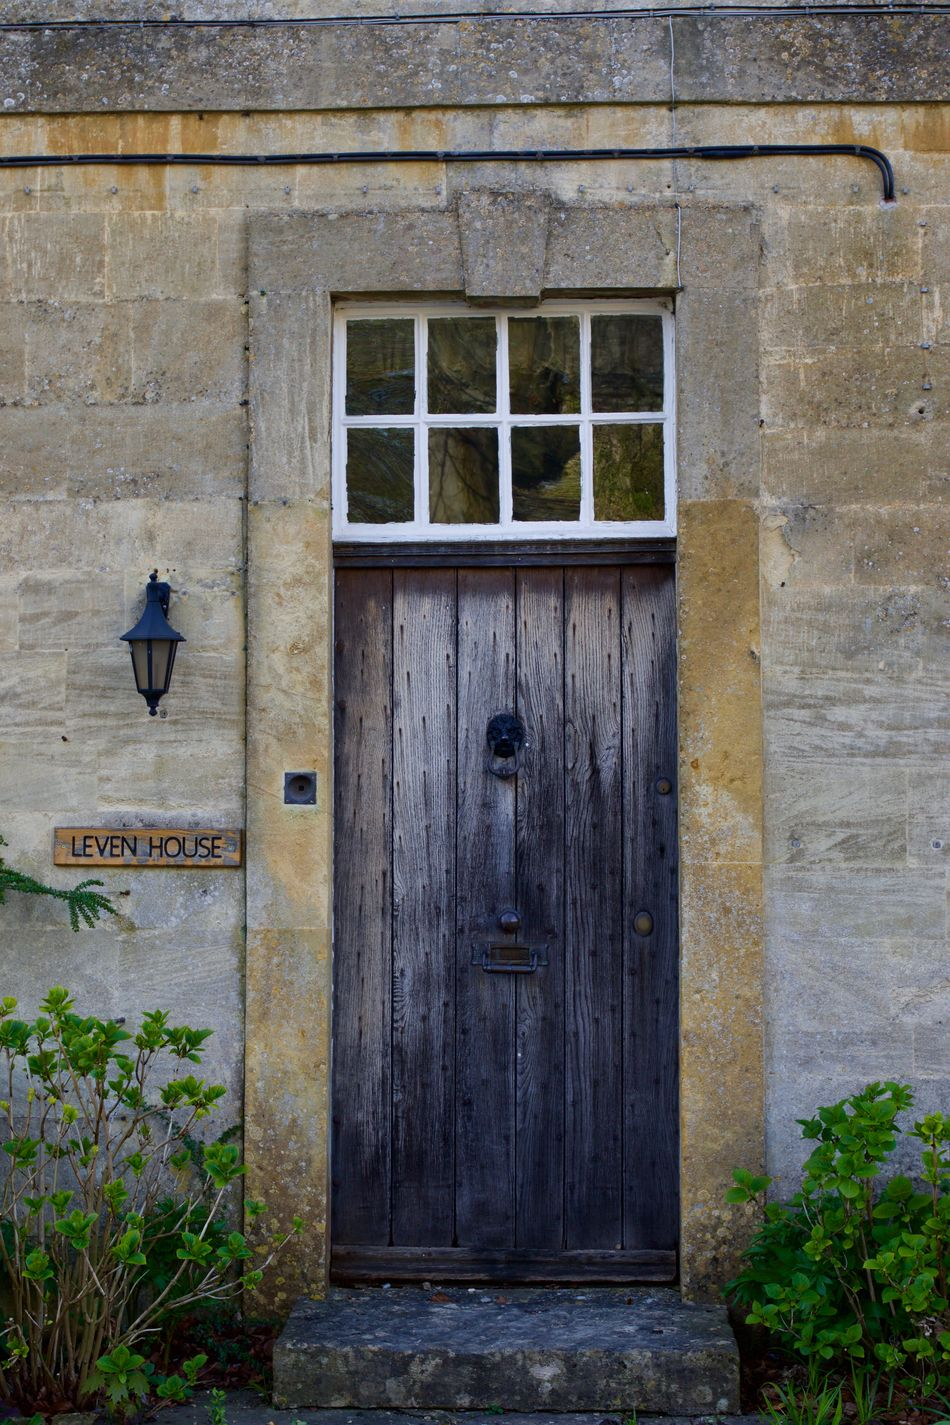 Cotswolds Doors Architecture Building Exterior Built Structure Cotswold Doors Cotswolds Cotswoldvillages Door Doorporn Doors Doorway Entrance Entrance Houses Outdoors Wood - Material